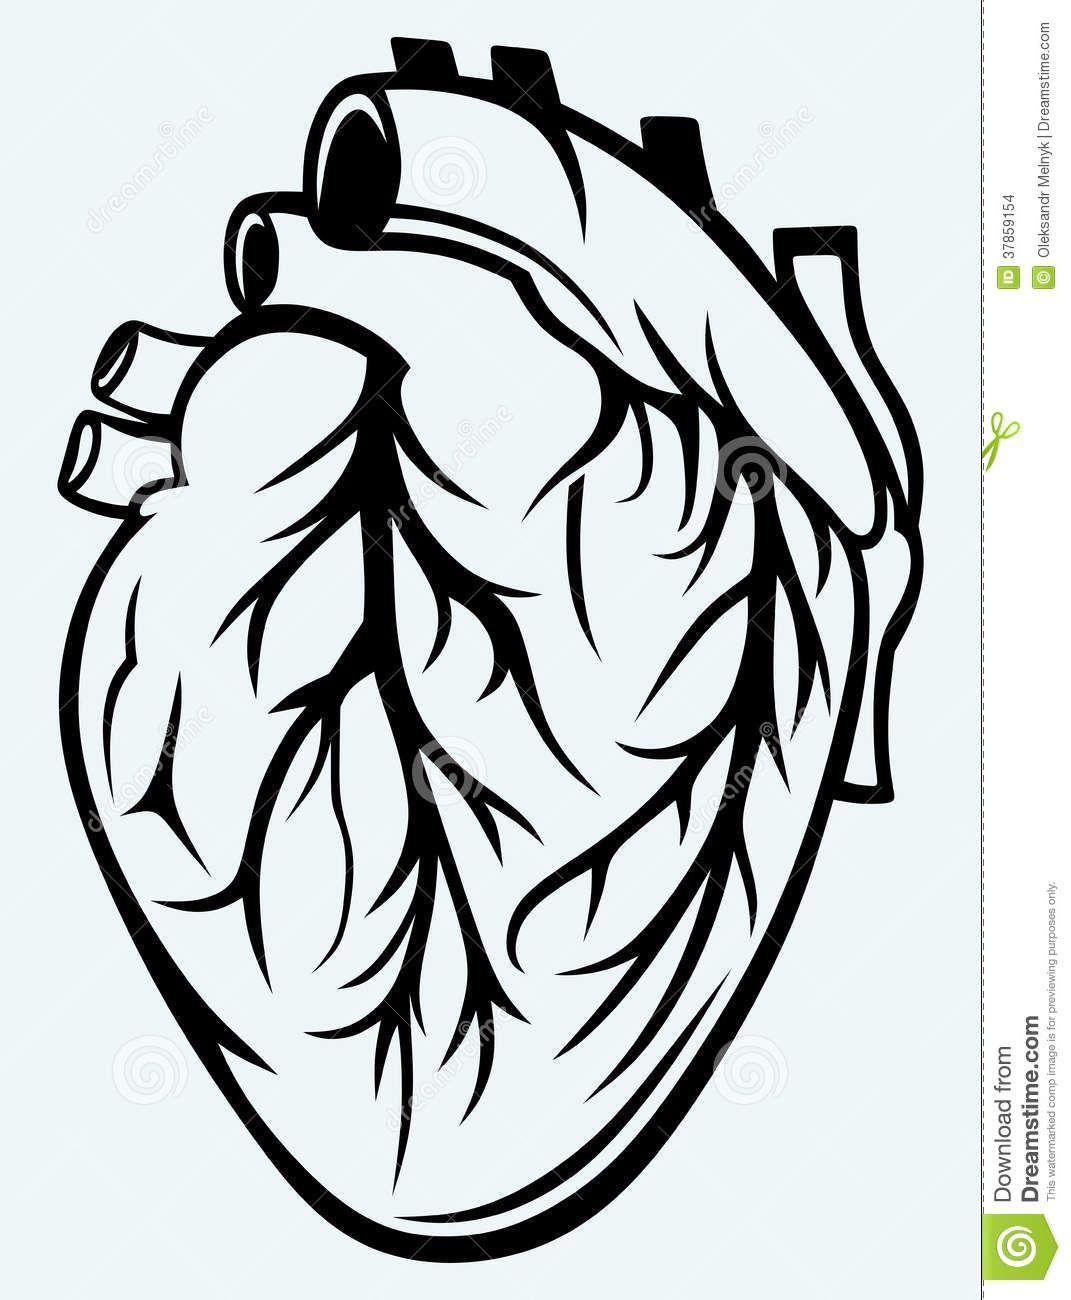 corazon humano plantilla | Halloween stencils en 2018 | Pinterest ...